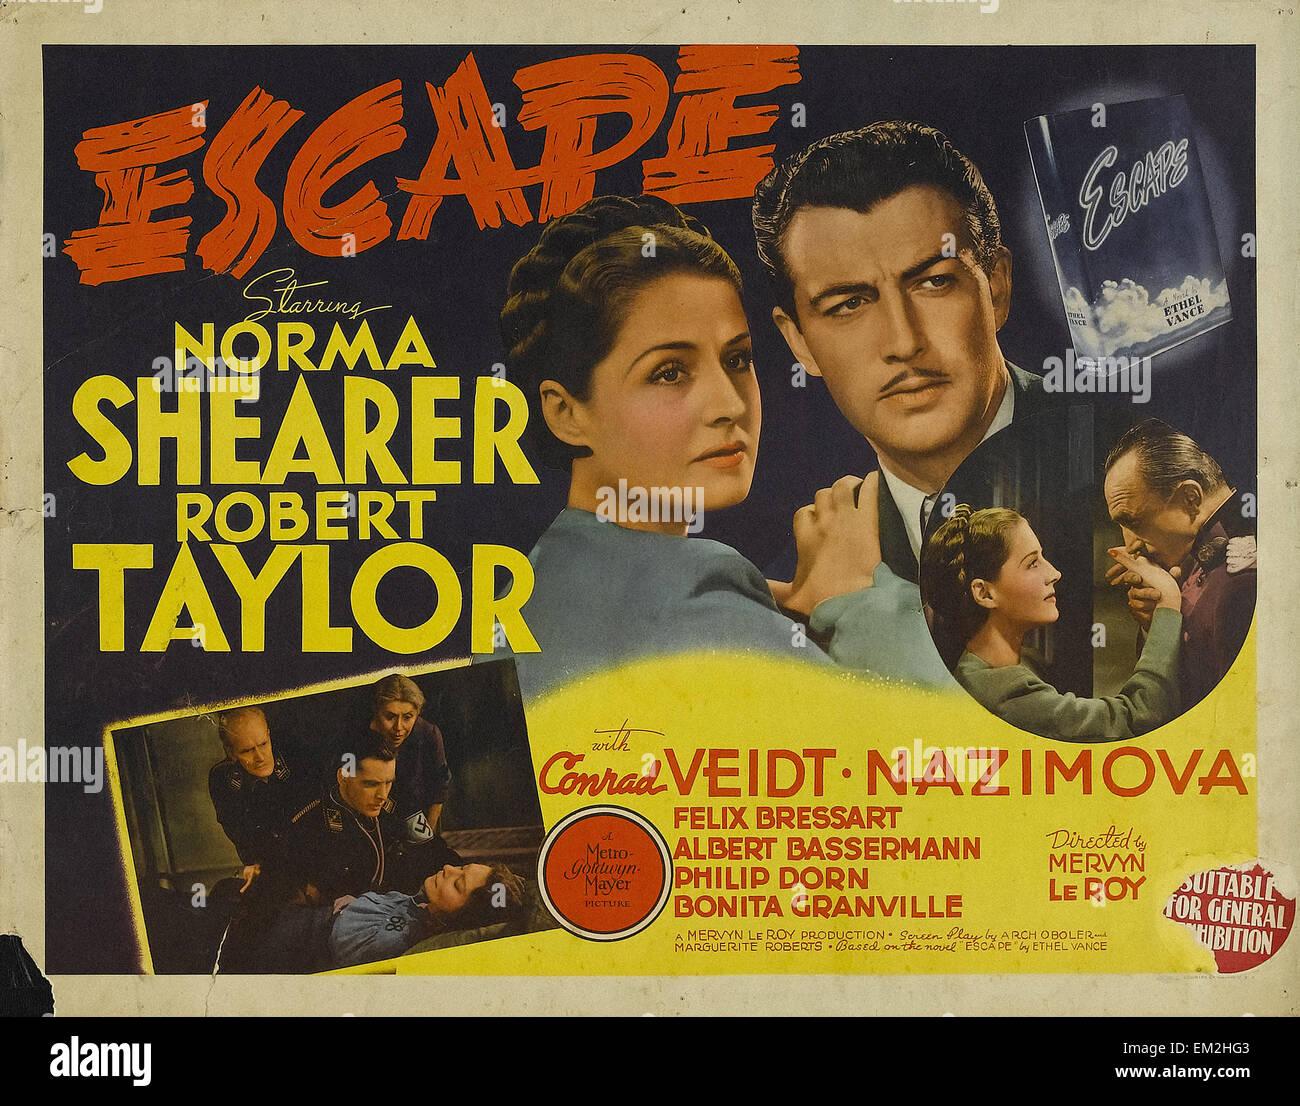 Escape - 1940  - Movie Poster - Stock Image